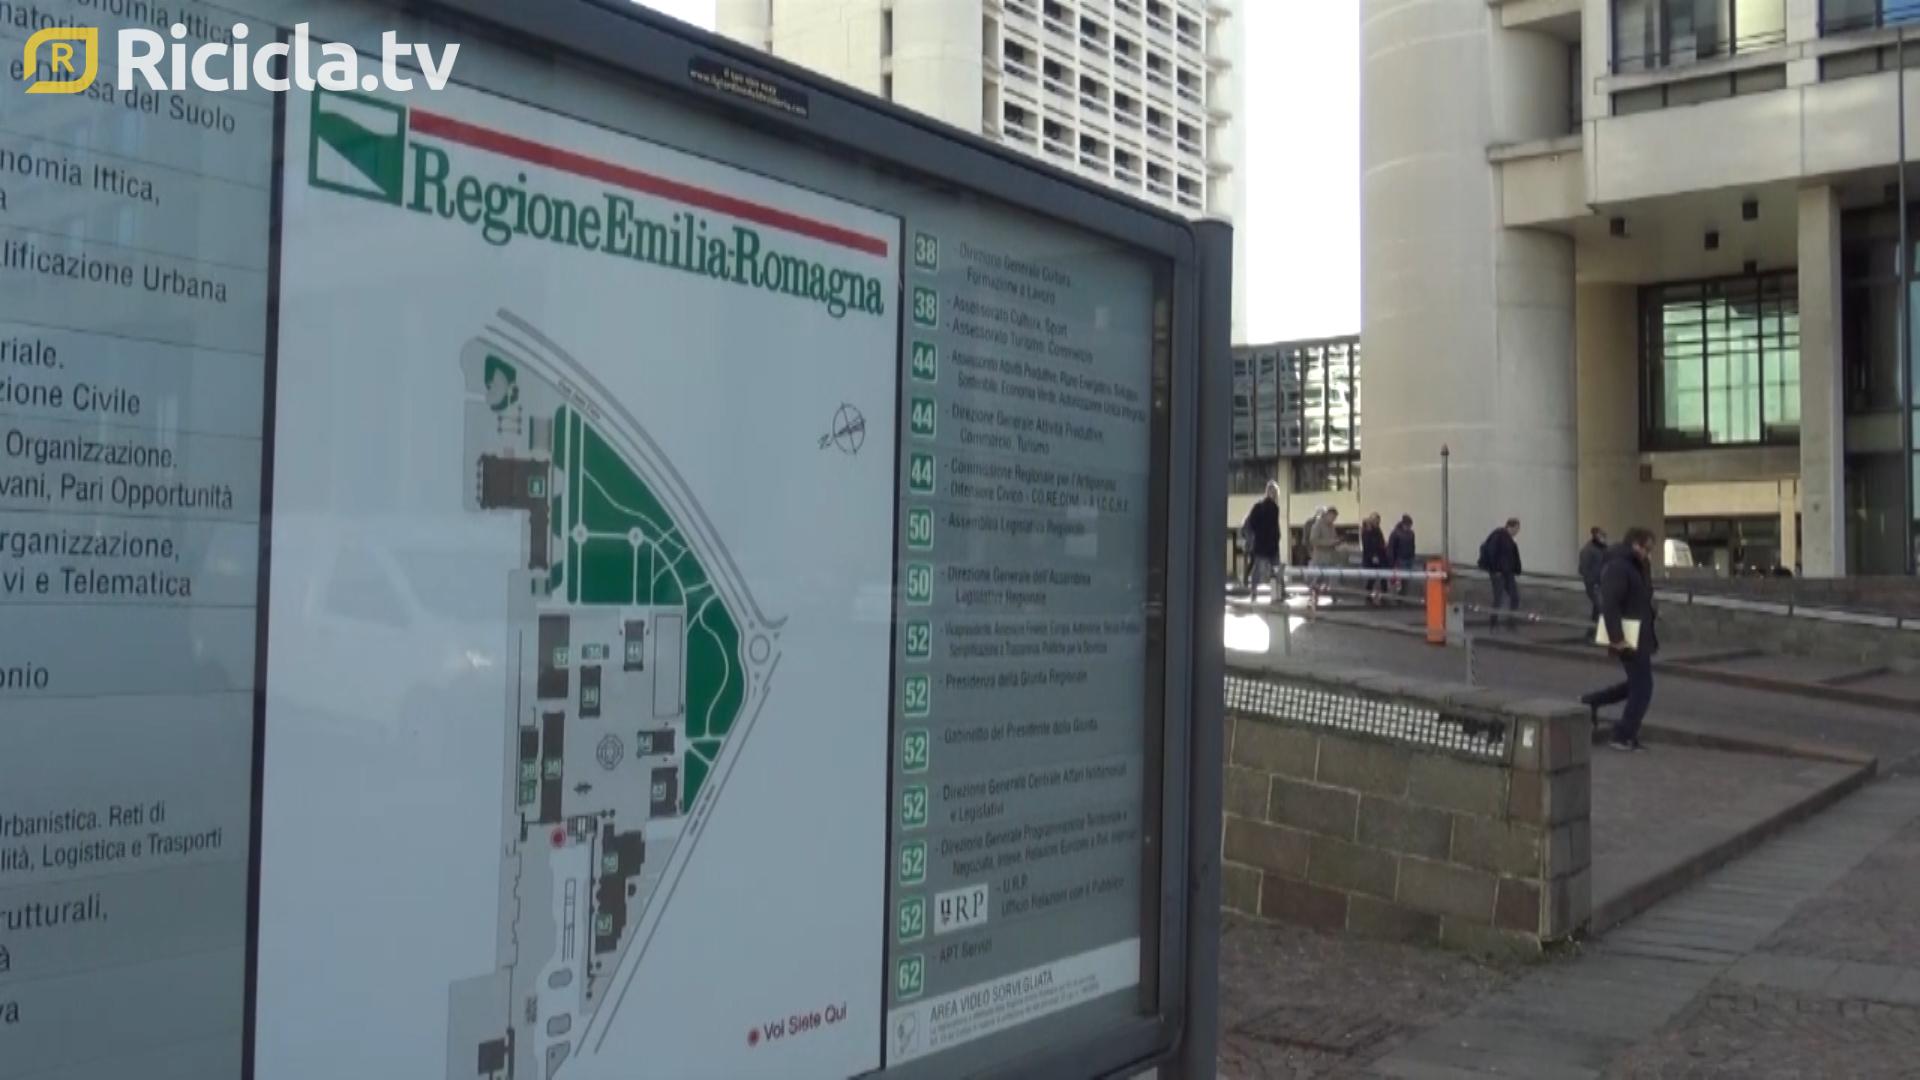 LE MISURE DELL'EMILIA-ROMAGNA PER LA GESTIONE DEI RIFIUTI